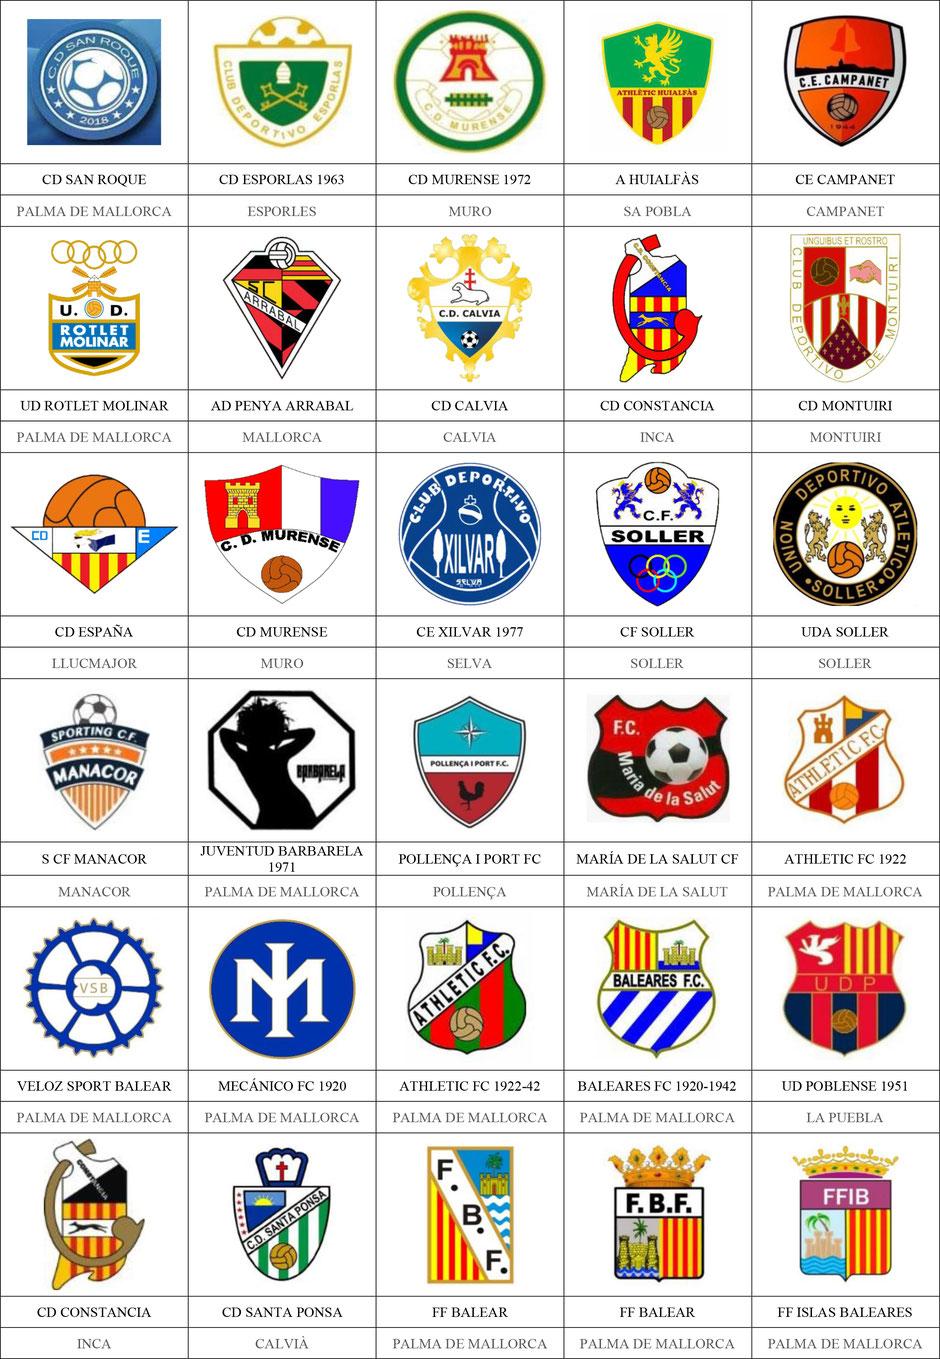 equipos futbol baleares mallorca